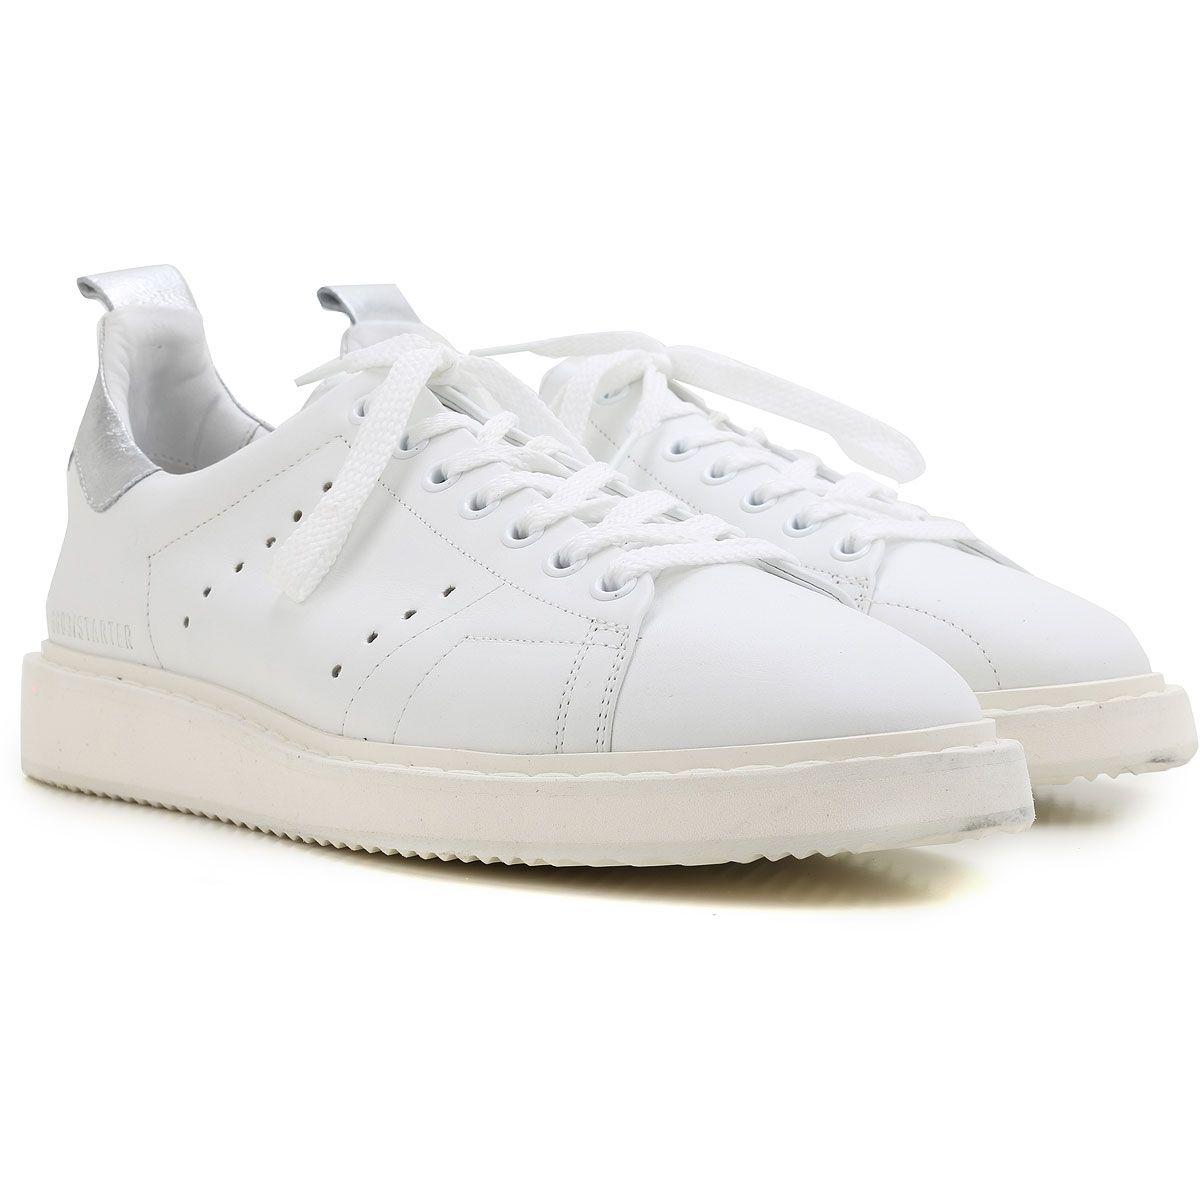 meilleur site web c5d4f 985c3 Chaussures pour femme Golden Goose en vente en ligne par ...